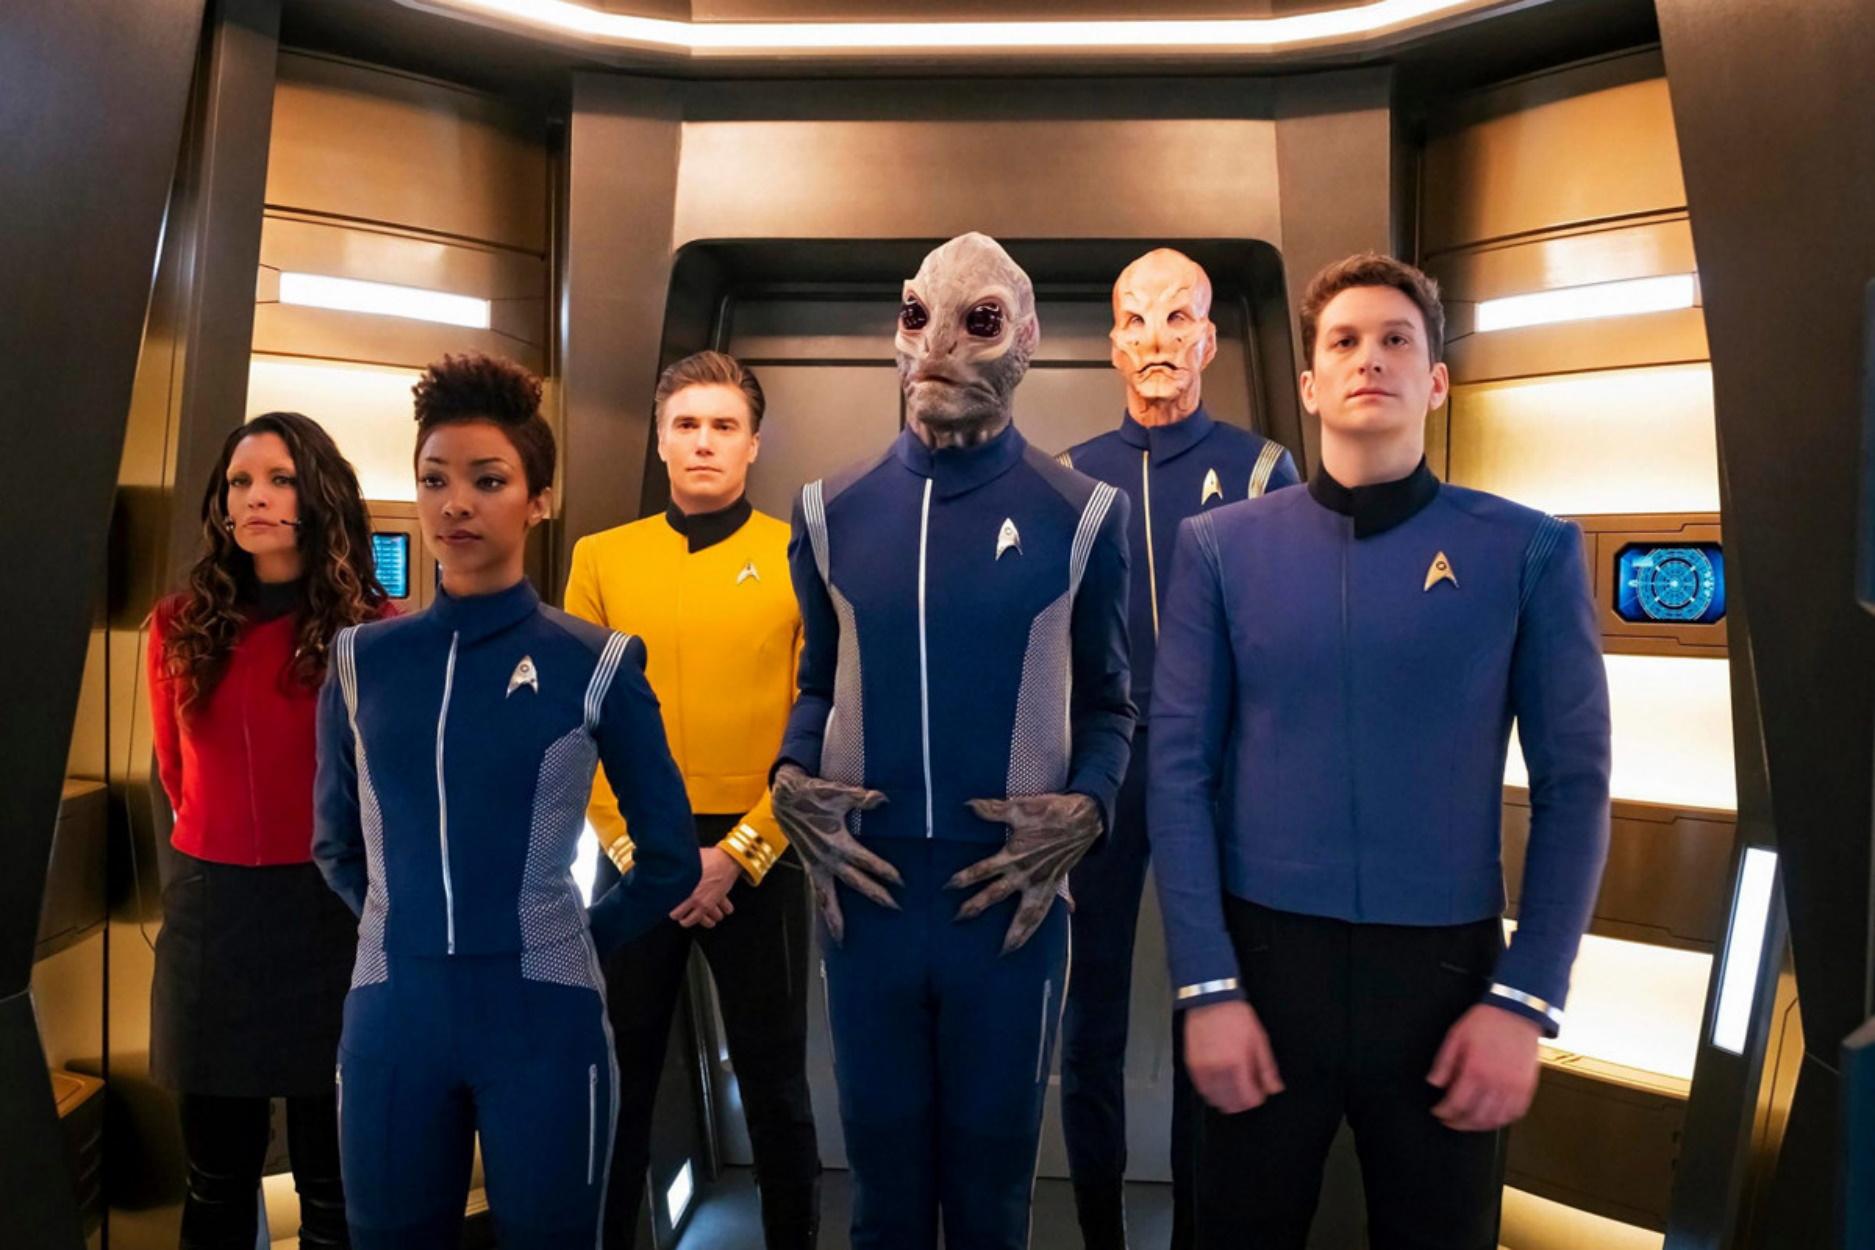 Star Trek, Des και ακόμη 4 σειρές της Cosmote TV που πρέπει να δείτε τον Ιανουάριο